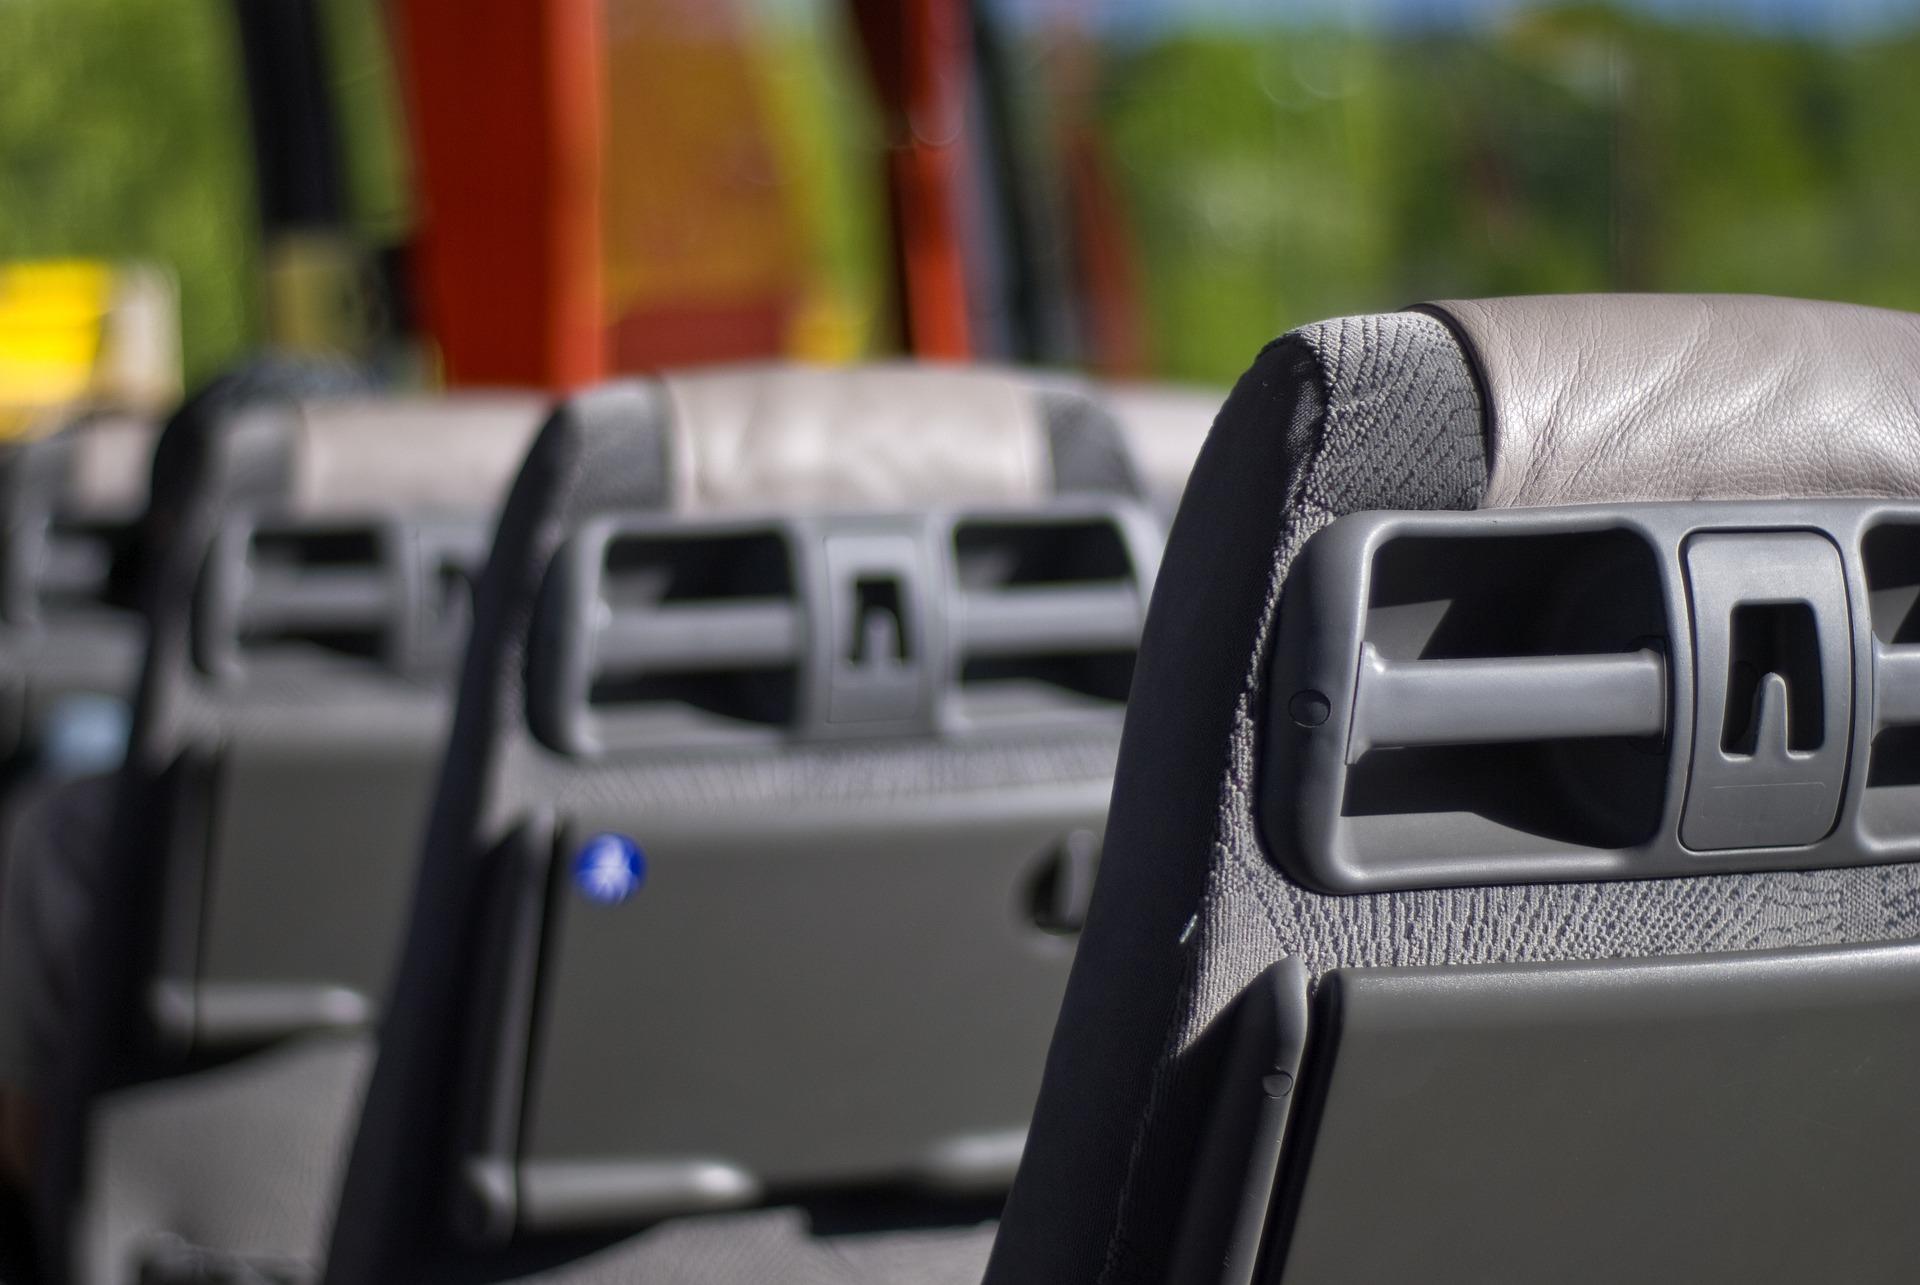 Mrazivé stretnutie s kolegom v autobuse: Mala žena v Trnave kontakt so záhrobím?